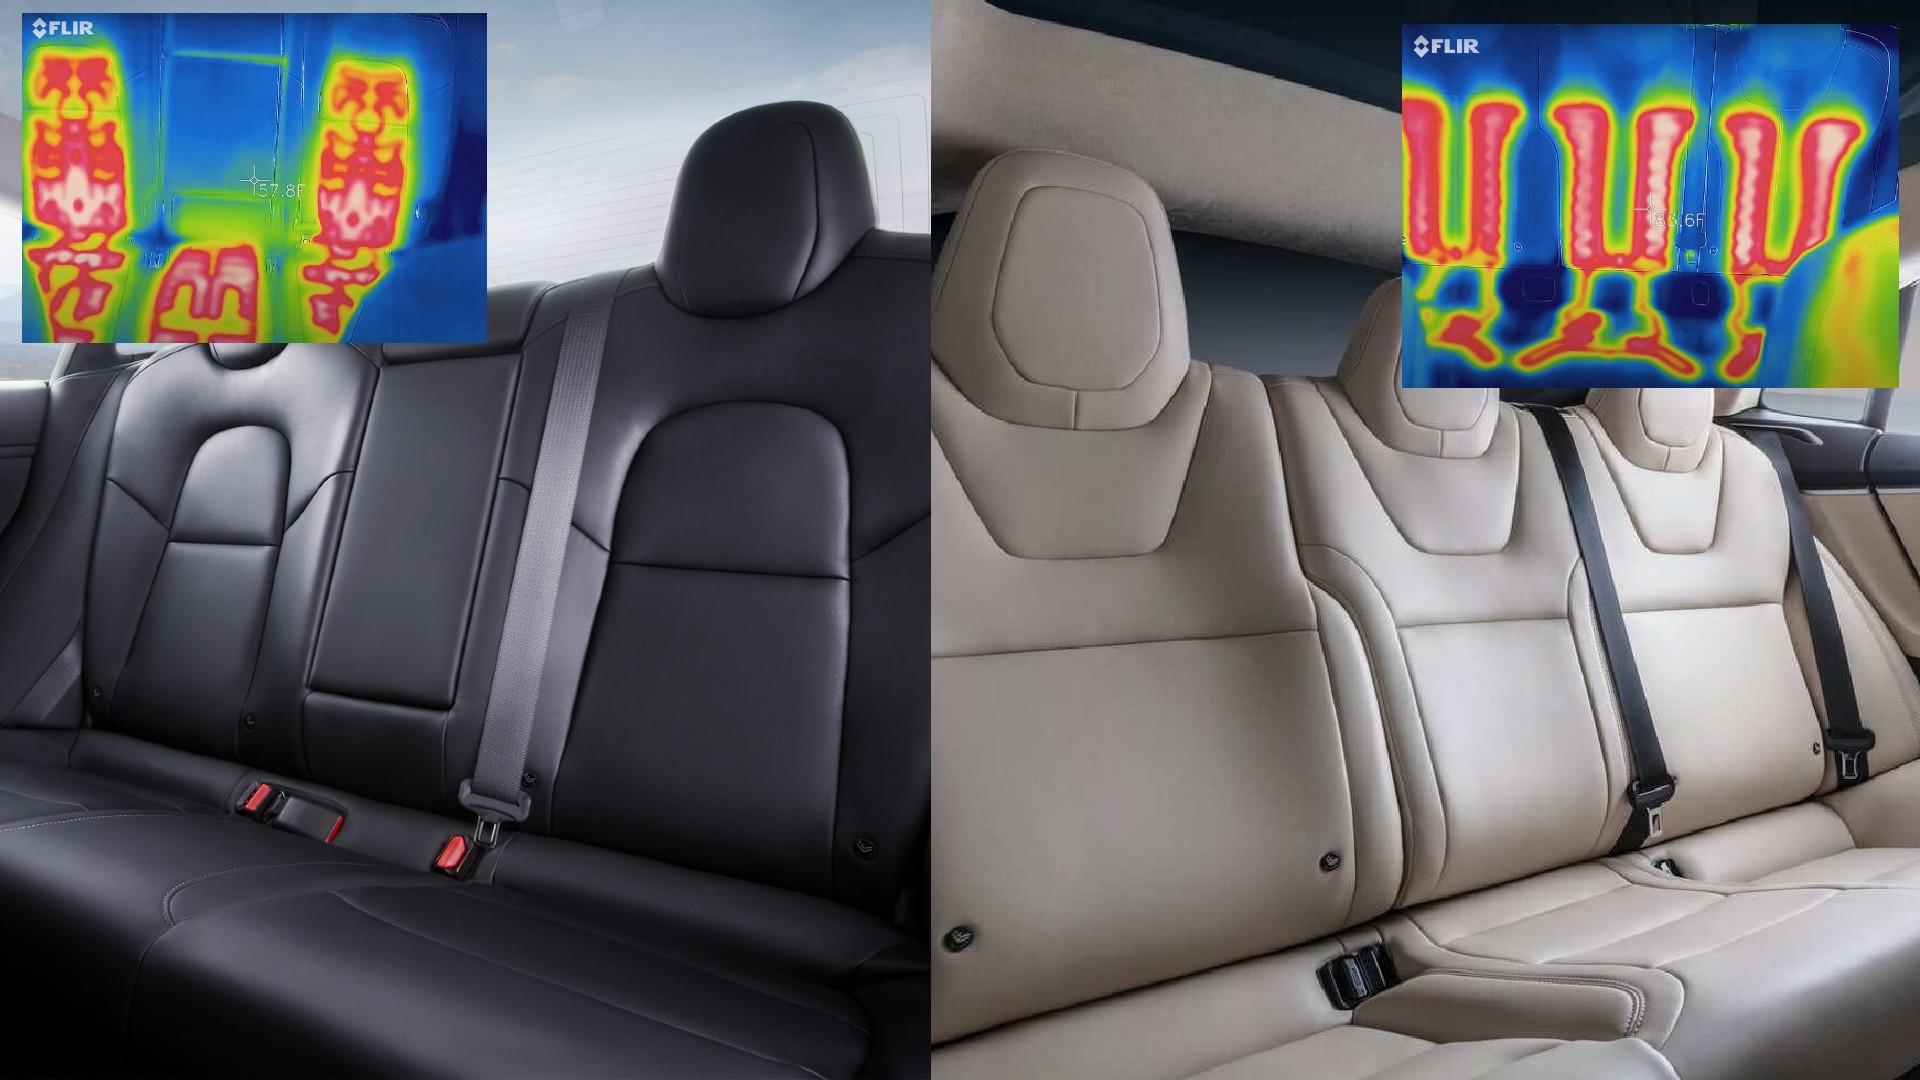 model-y-vs-model-s-heated-seats